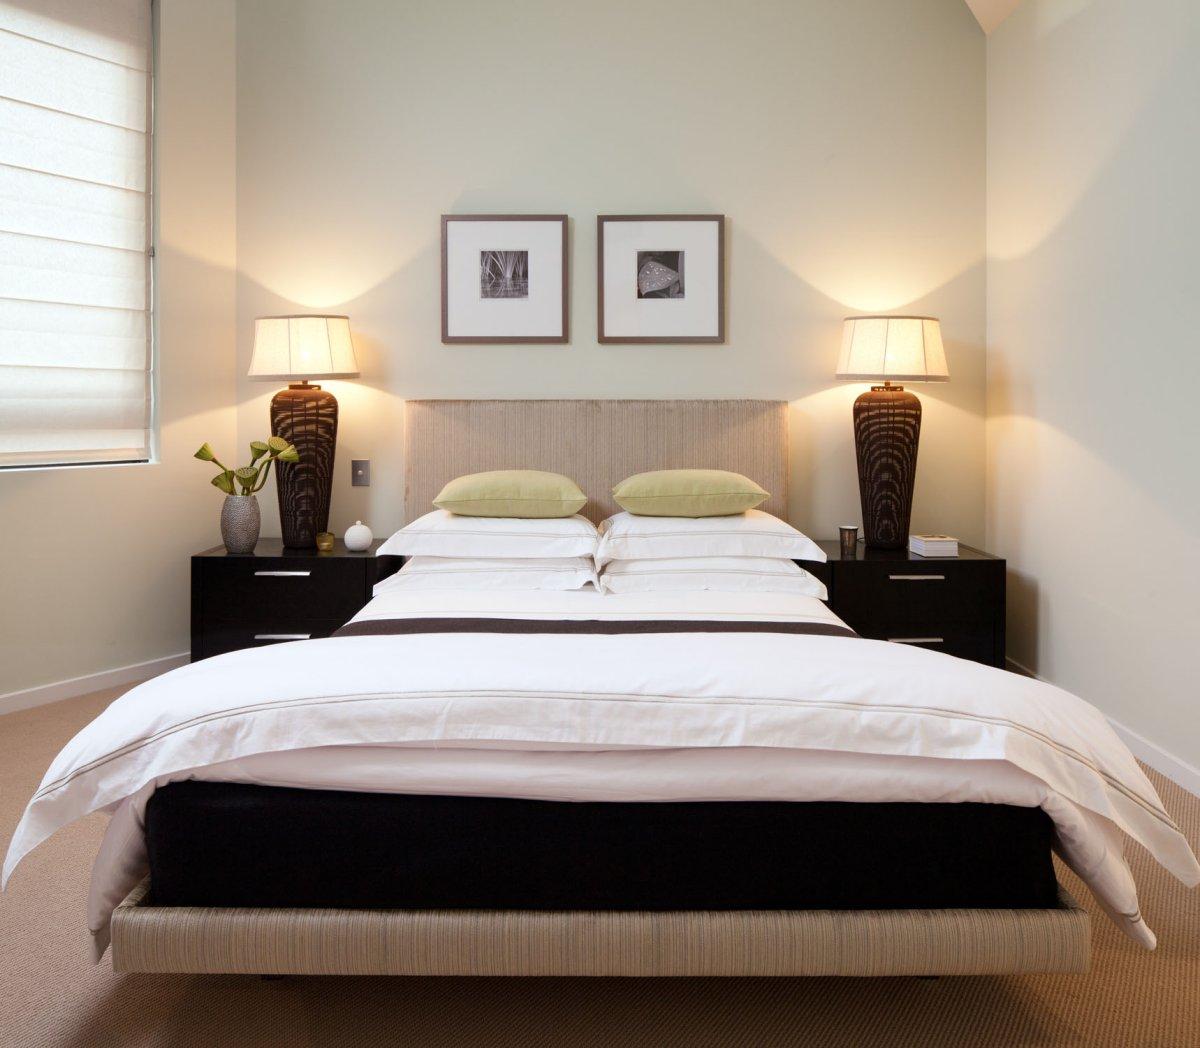 Небольшие картины в изголовье кровати